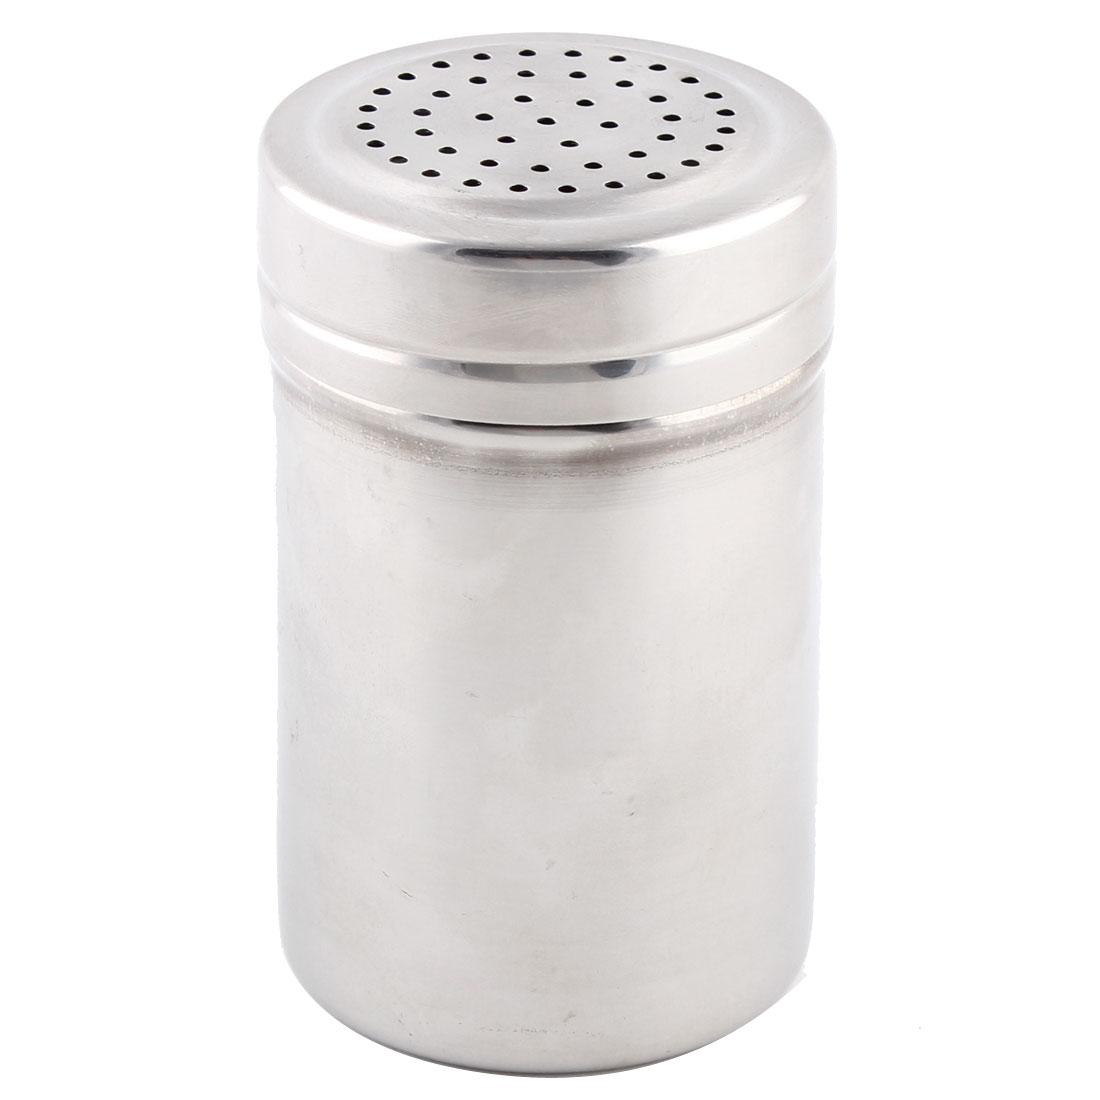 Household Stainless Steel Multi Holes Outlet Spice Salt Pepper Shaker Cruet Bottle 2.8 Inch High